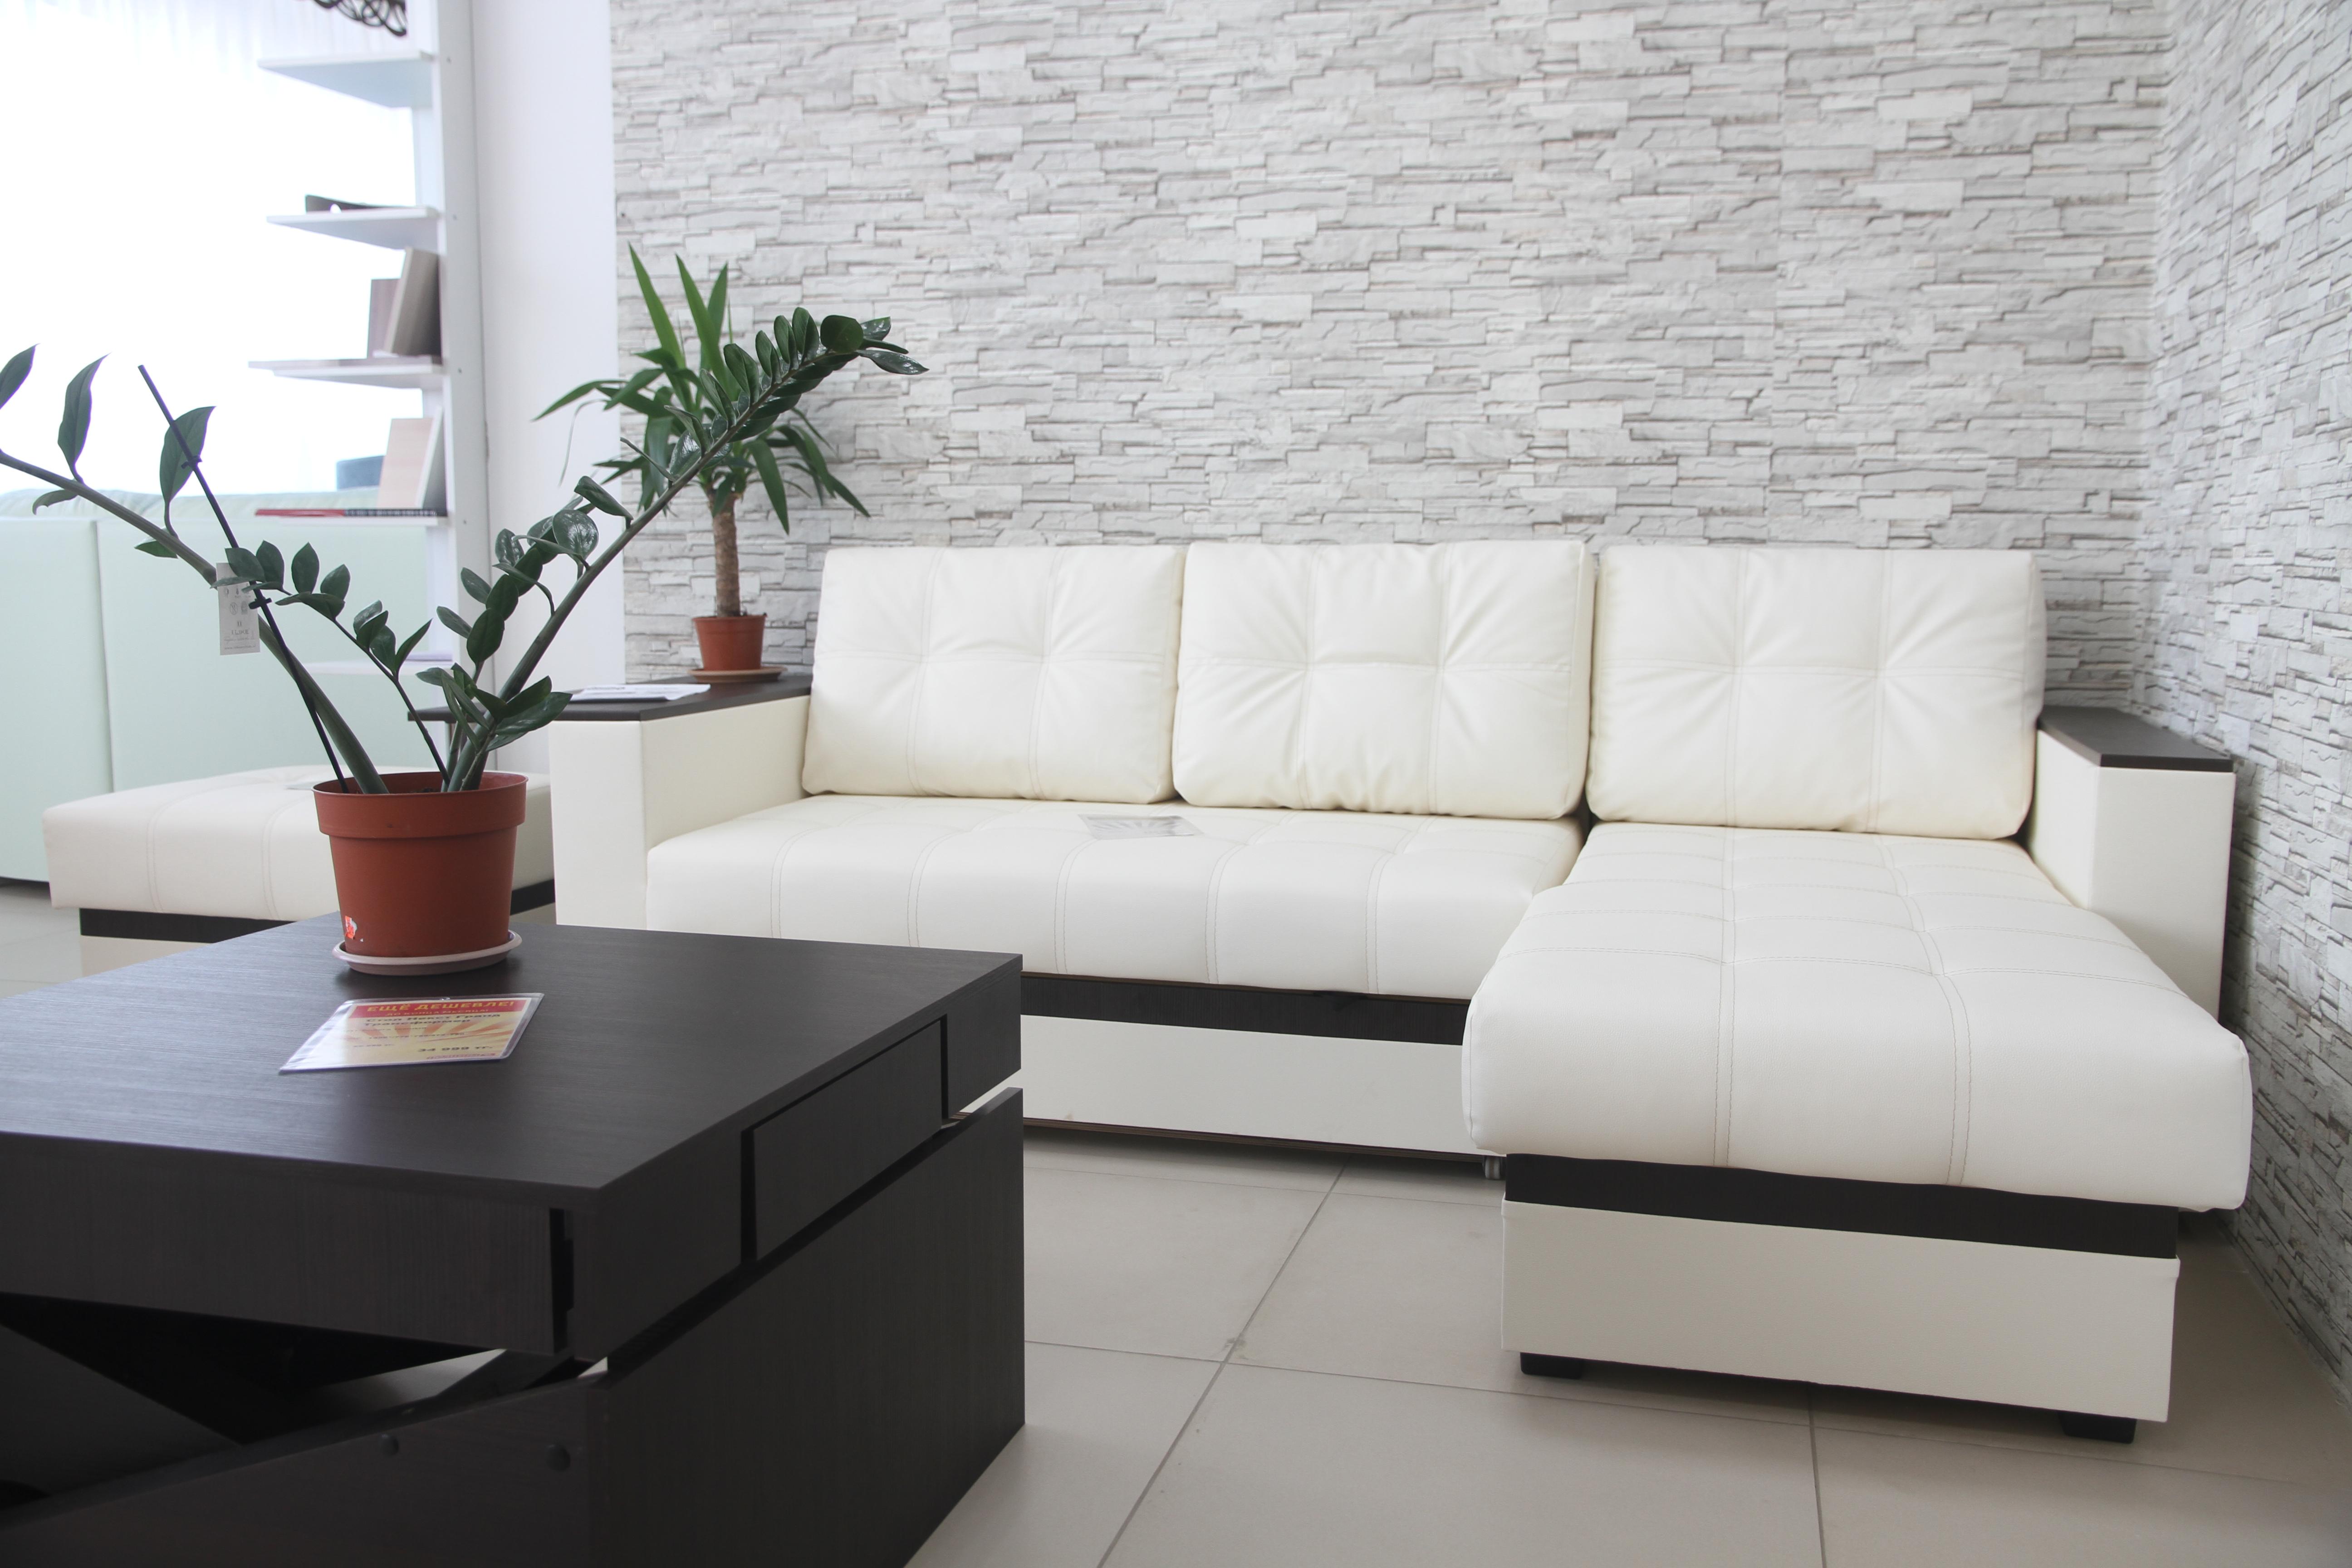 52d962ef Директор мебельного дисконт-центра «Полцены» Динара Демесинова рассказала  нам, что на рынке Уральска они работают по франшизе от российской мебельной  ...